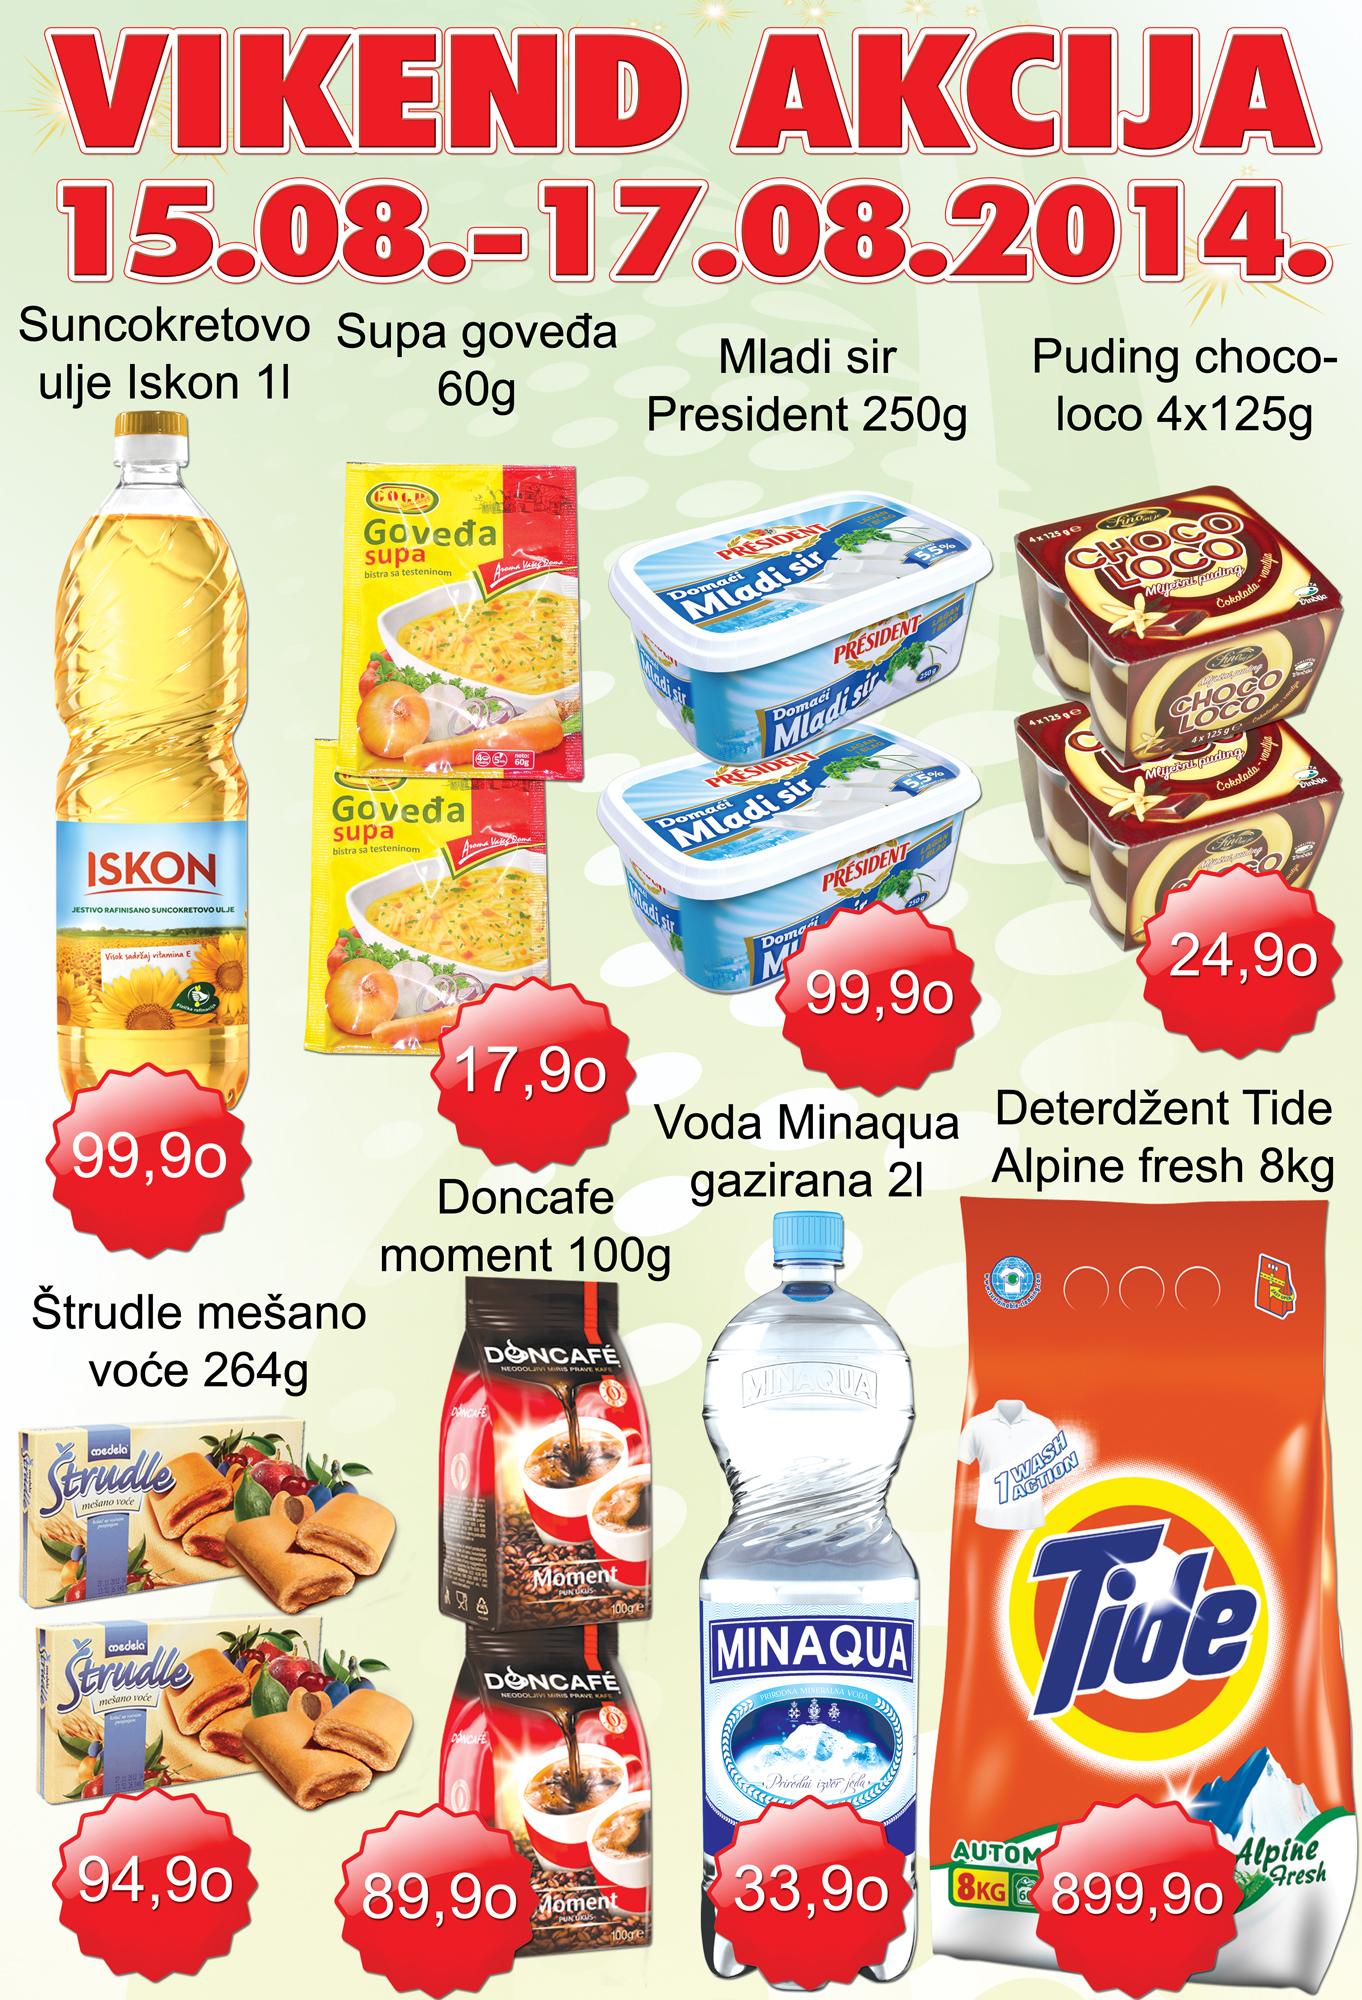 AD Podunavlje akcija vikend sjajne ponude